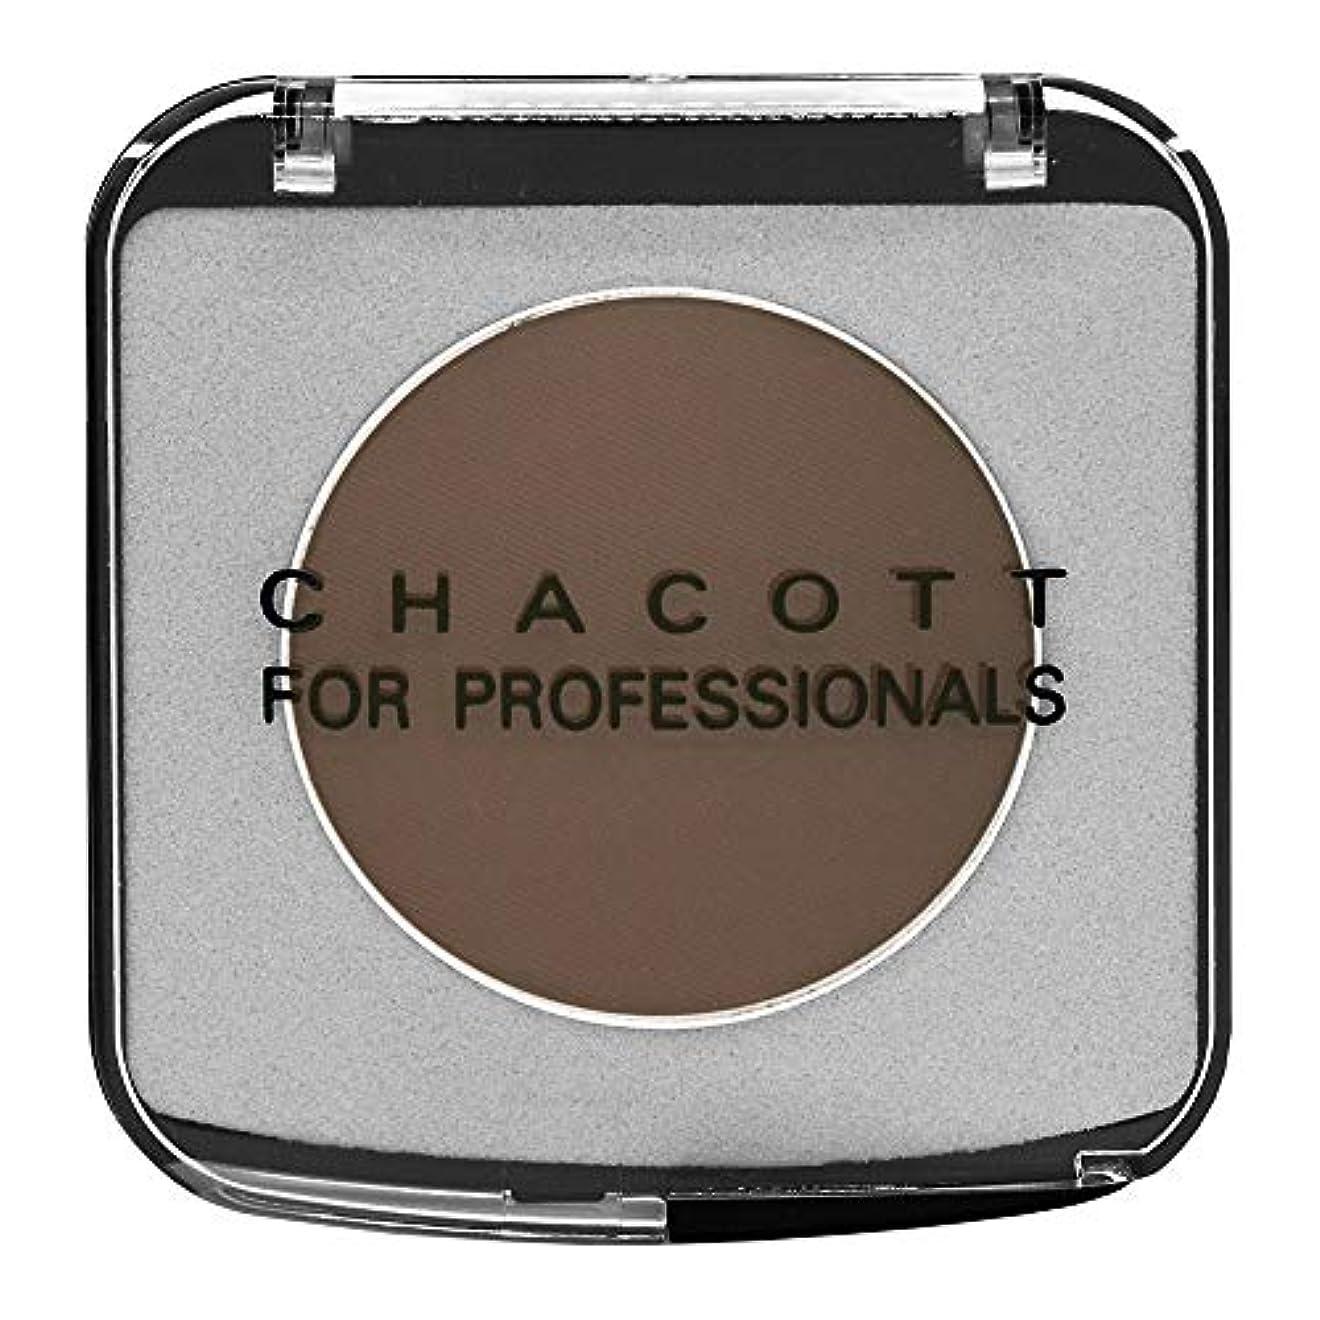 書く不調和報酬CHACOTT<チャコット> カラーバリエーション 605.チョコレートブラウン